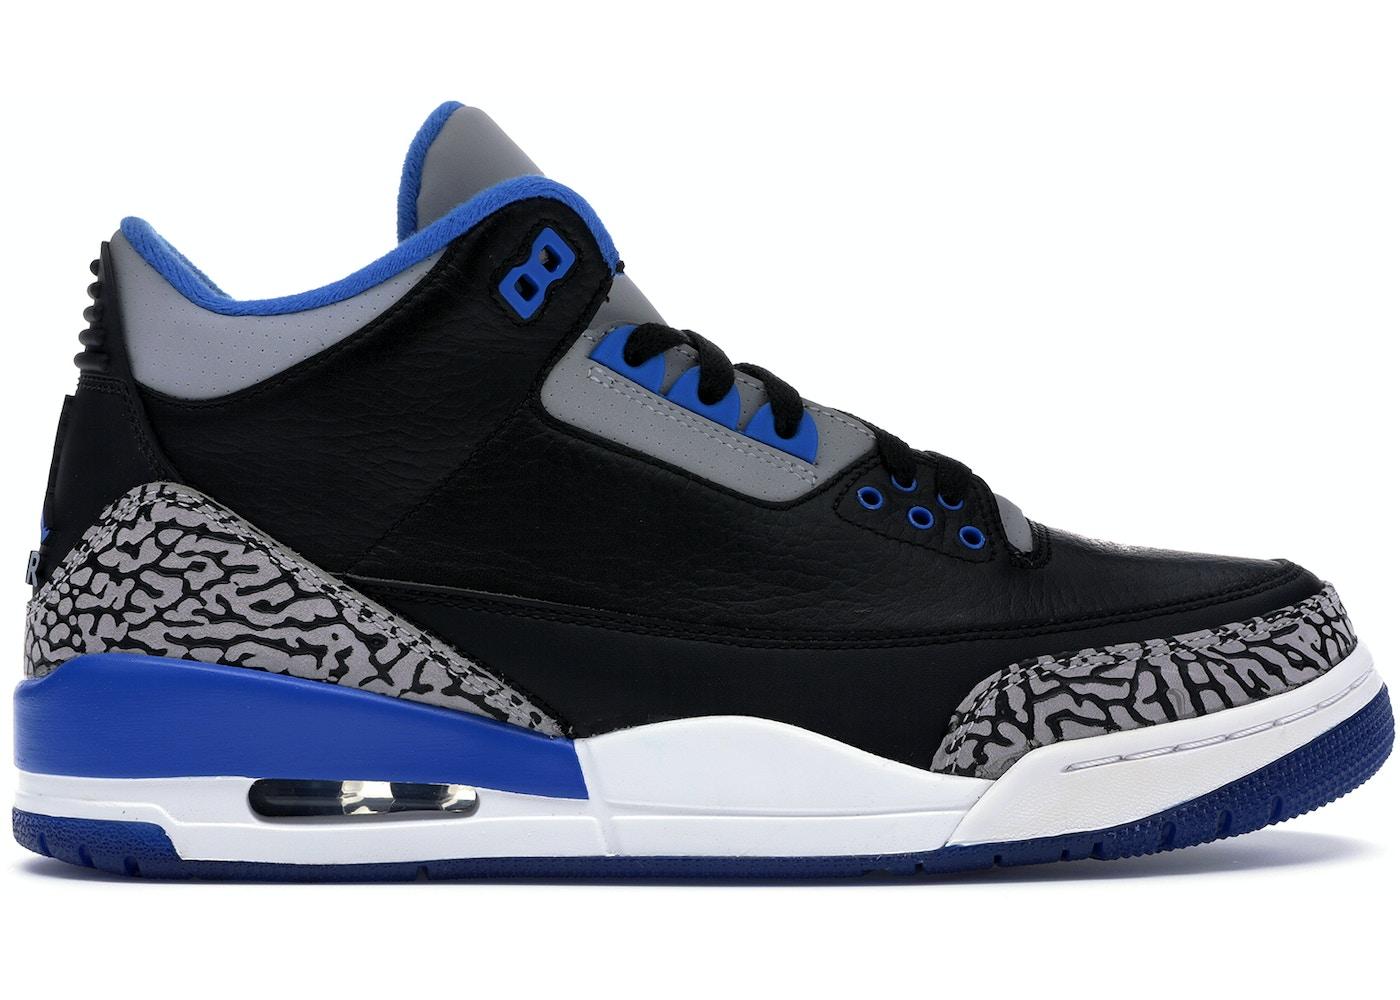 los angeles c73a2 a47fc Jordan 3 Retro Sport Blue